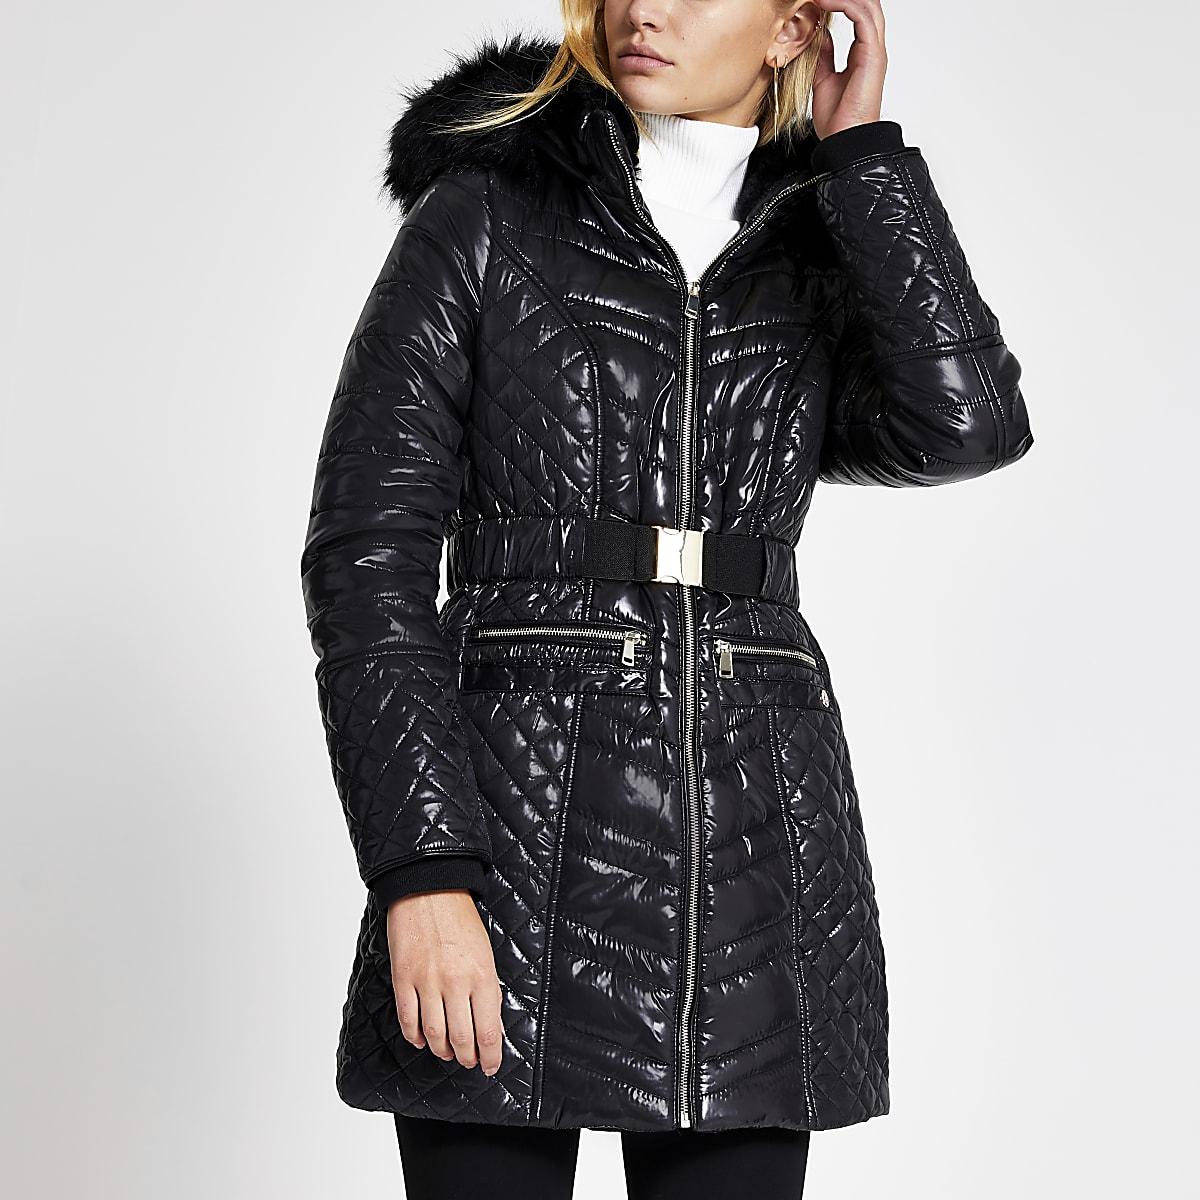 Black high shine padded longline jacket